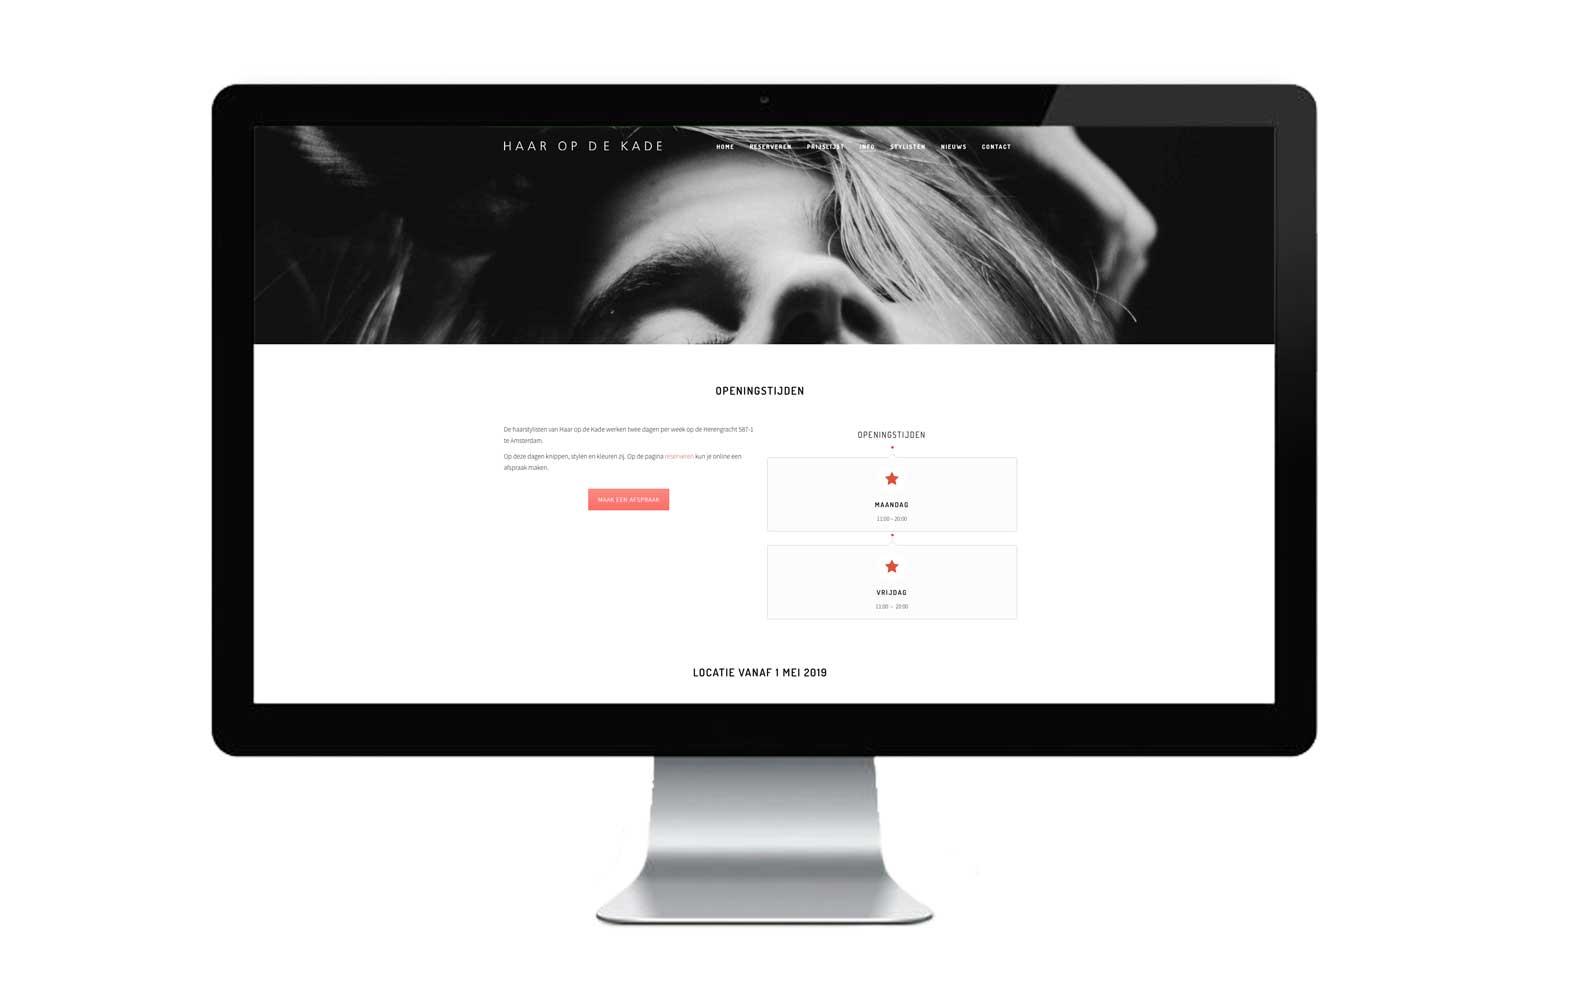 StudioErnst-WebDesign-HaaropdeKade4